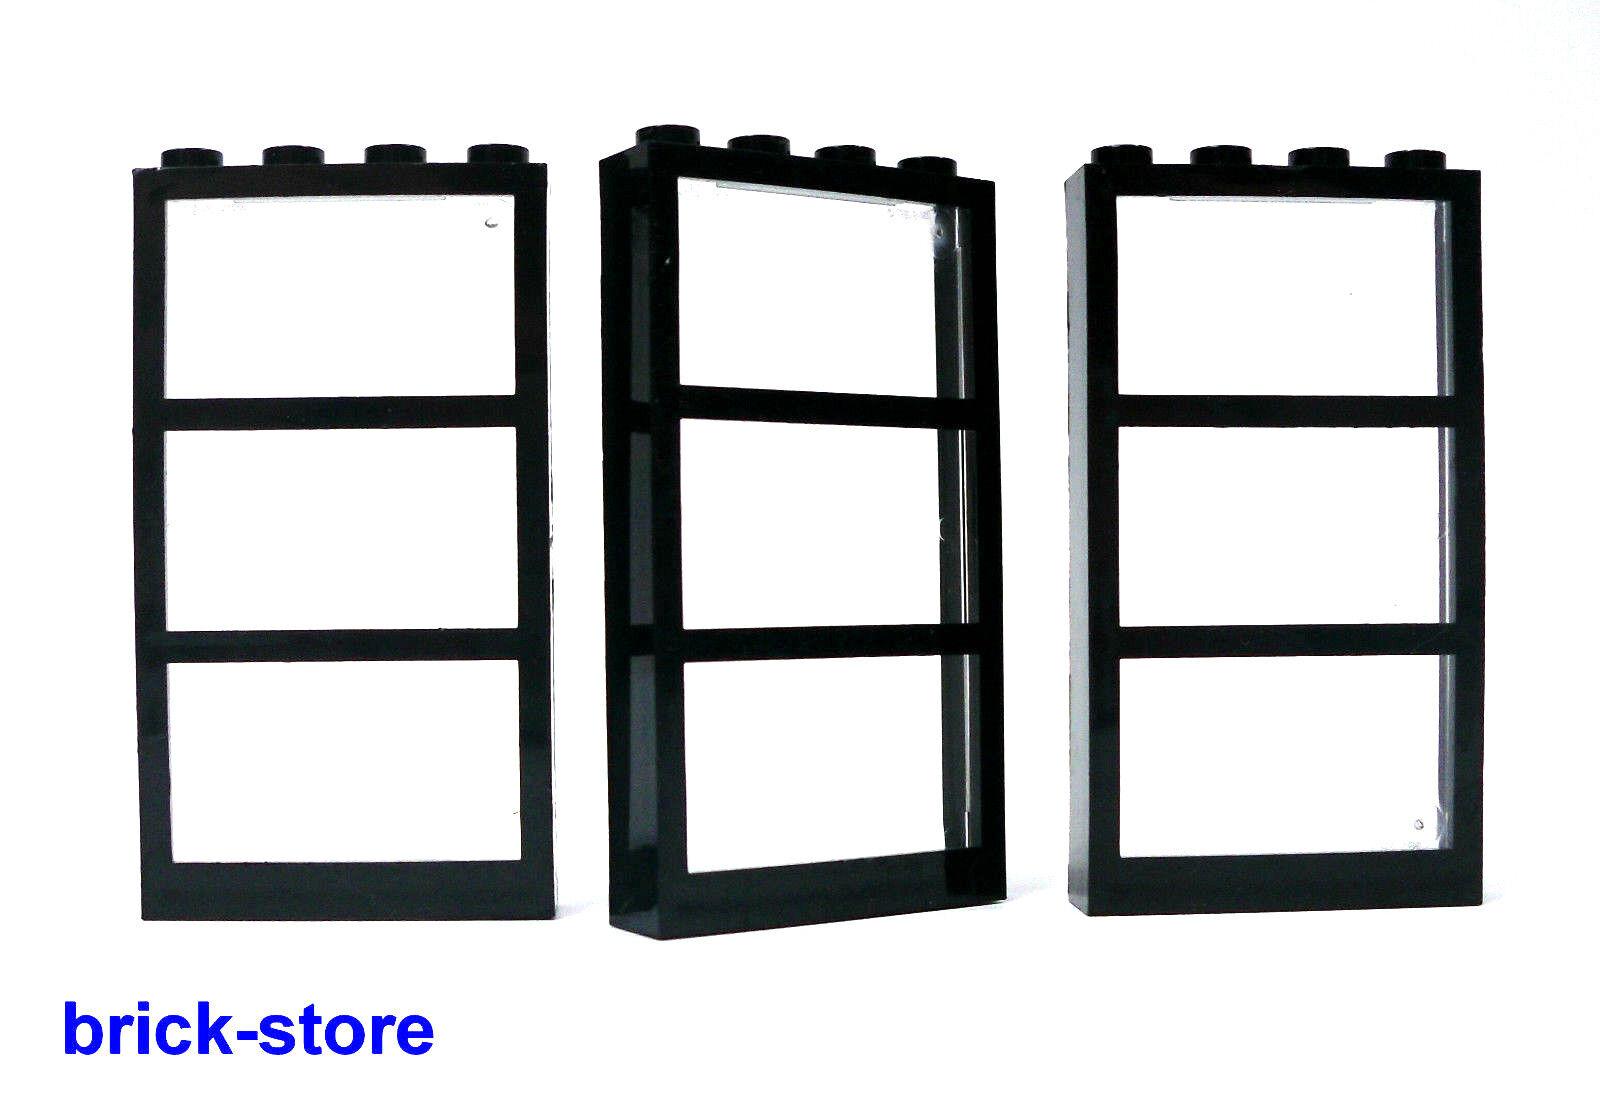 Lego fenster schwarz transparent klar 1x4x6 fenster 3 for Klebefolie fenster schwarz